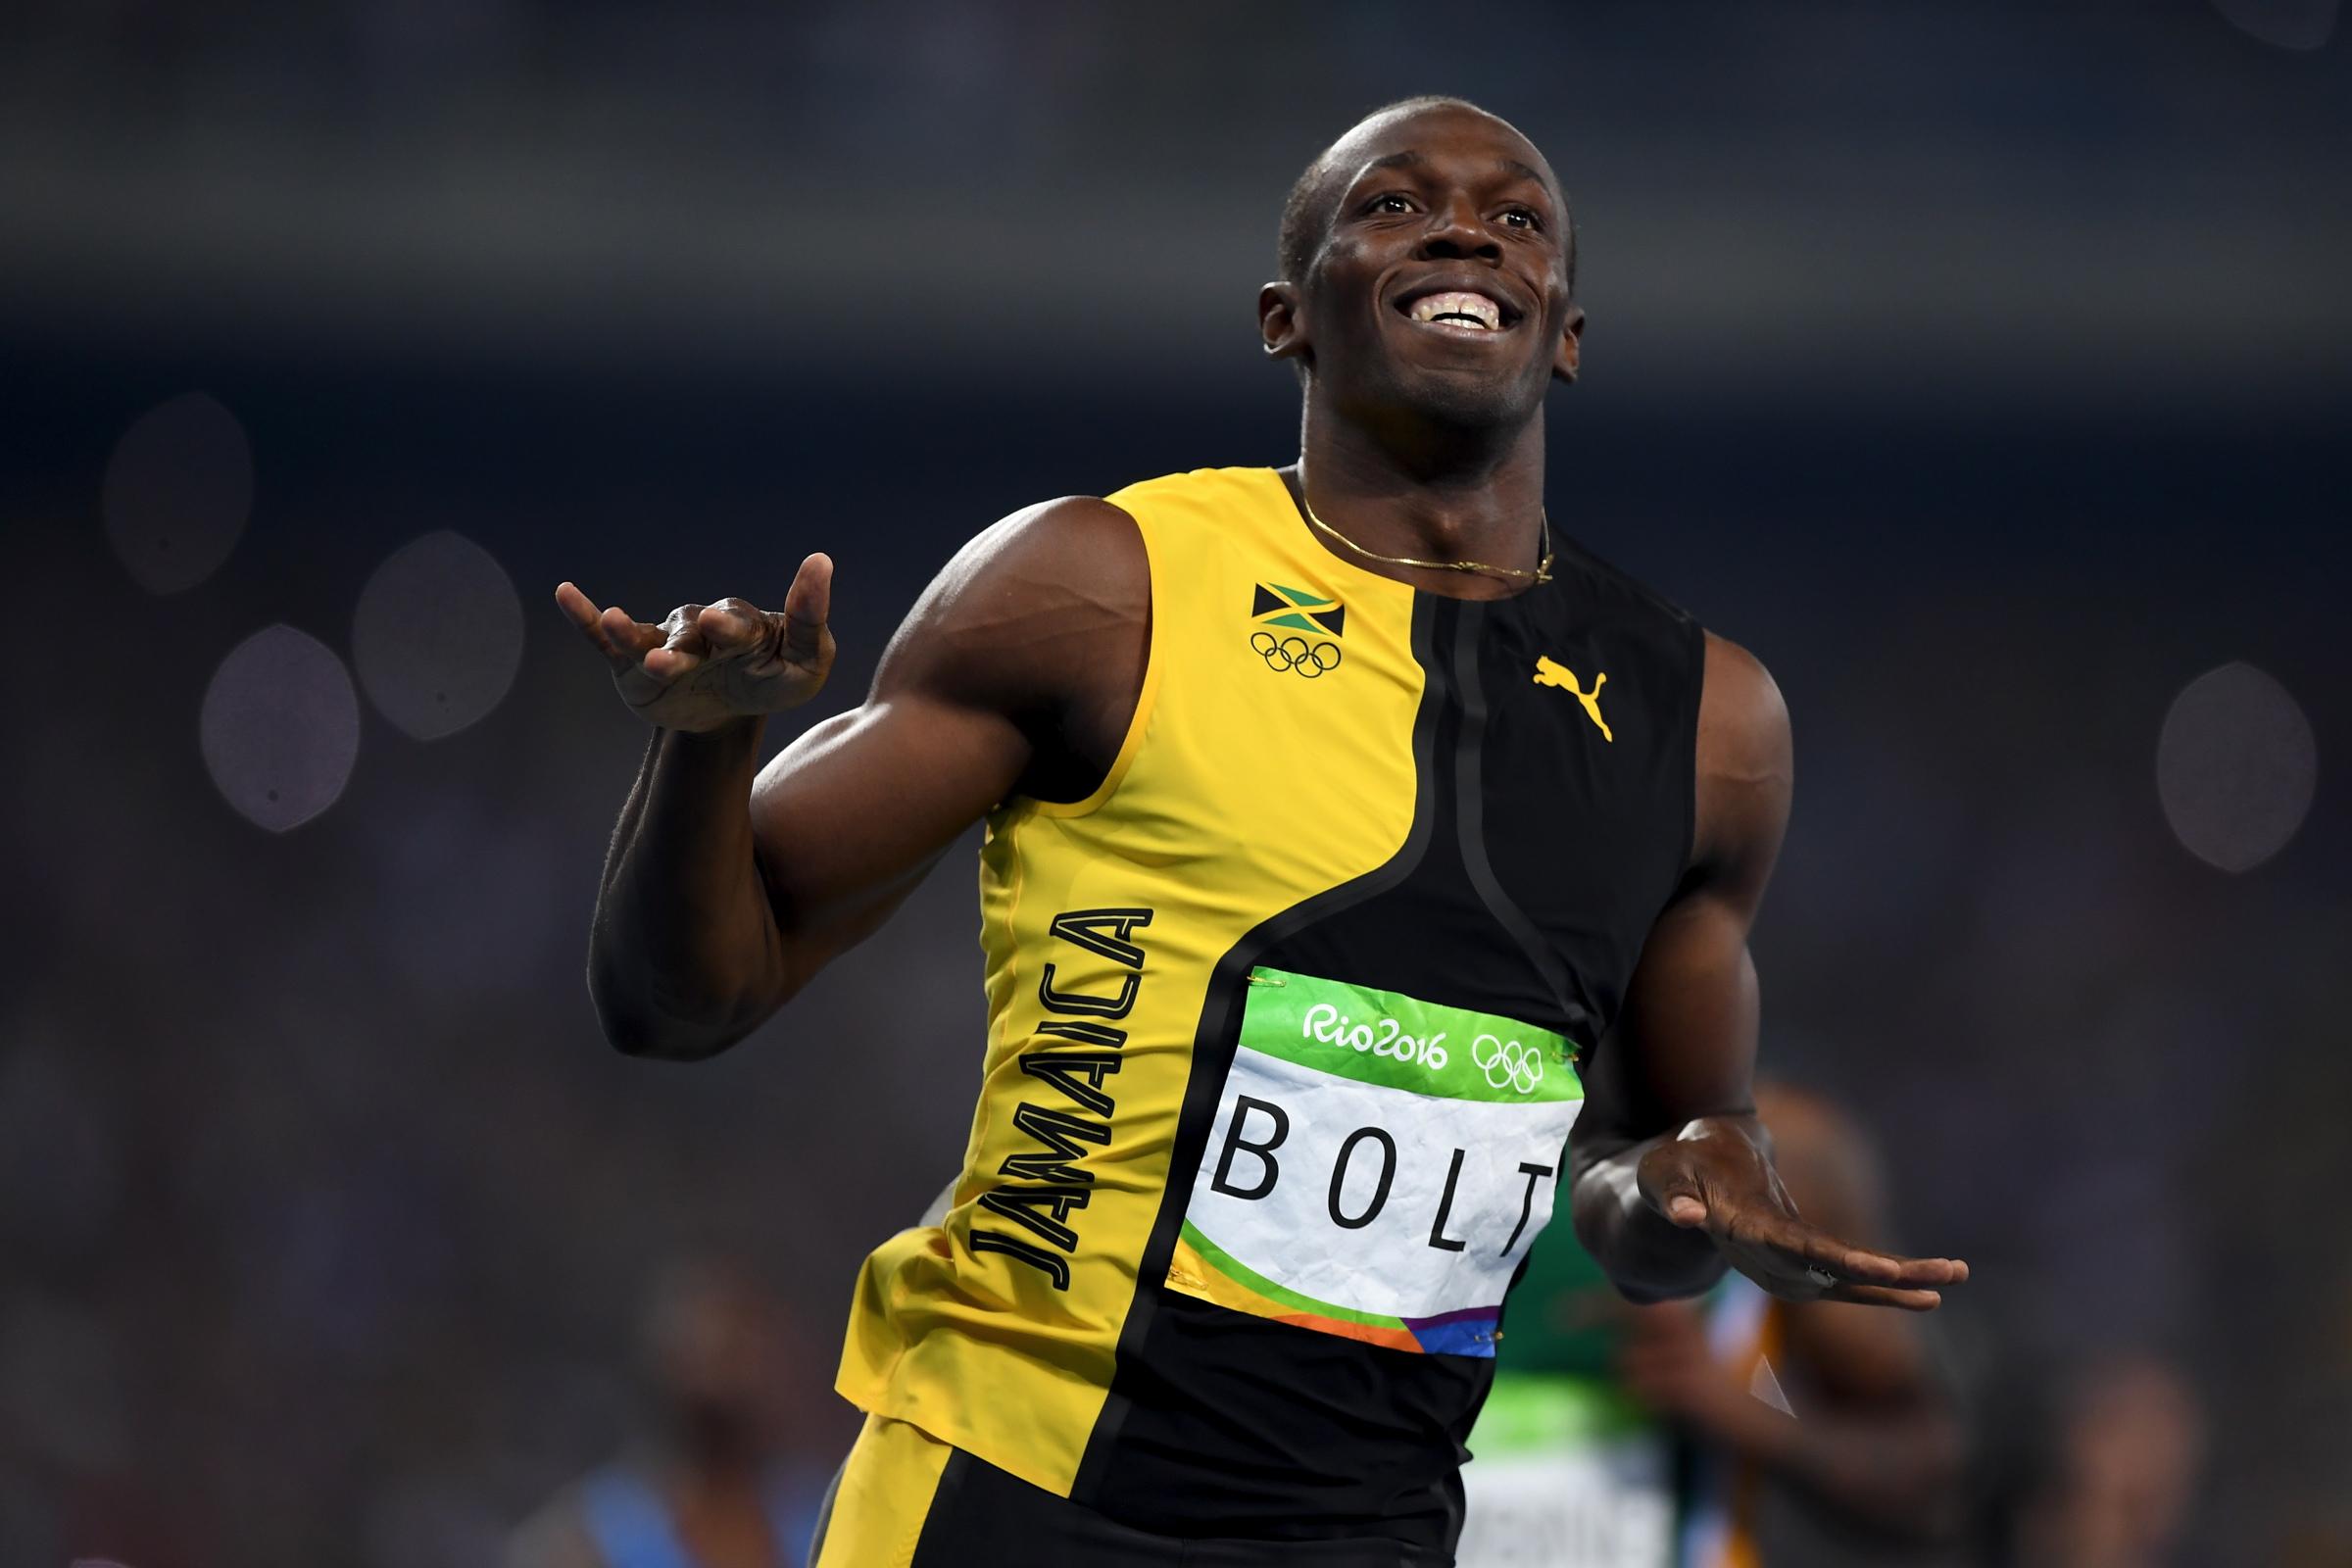 Usain Bolt Tries Gaelic Football